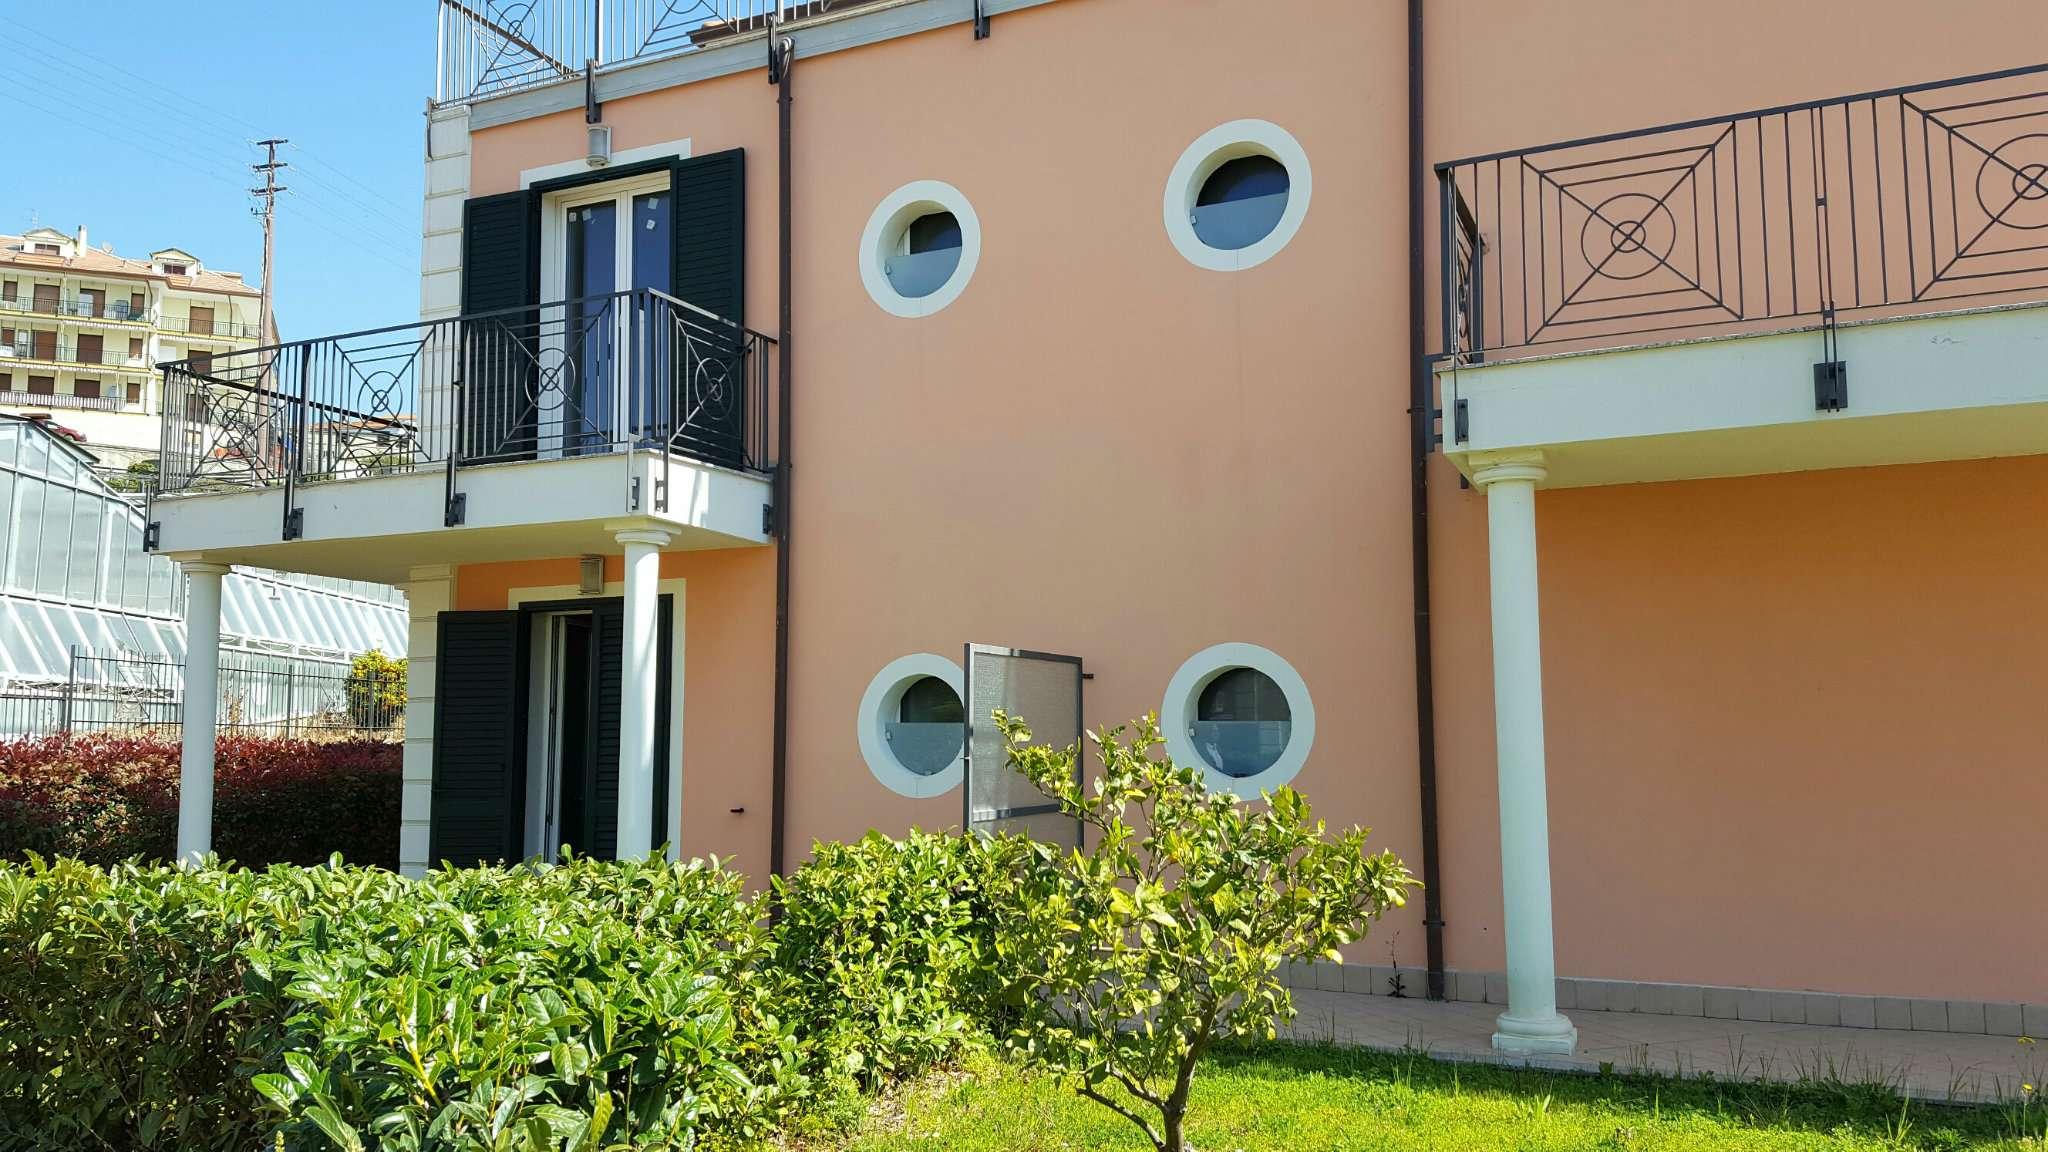 Appartamento in vendita a Riva Ligure, 1 locali, prezzo € 149.000 | CambioCasa.it